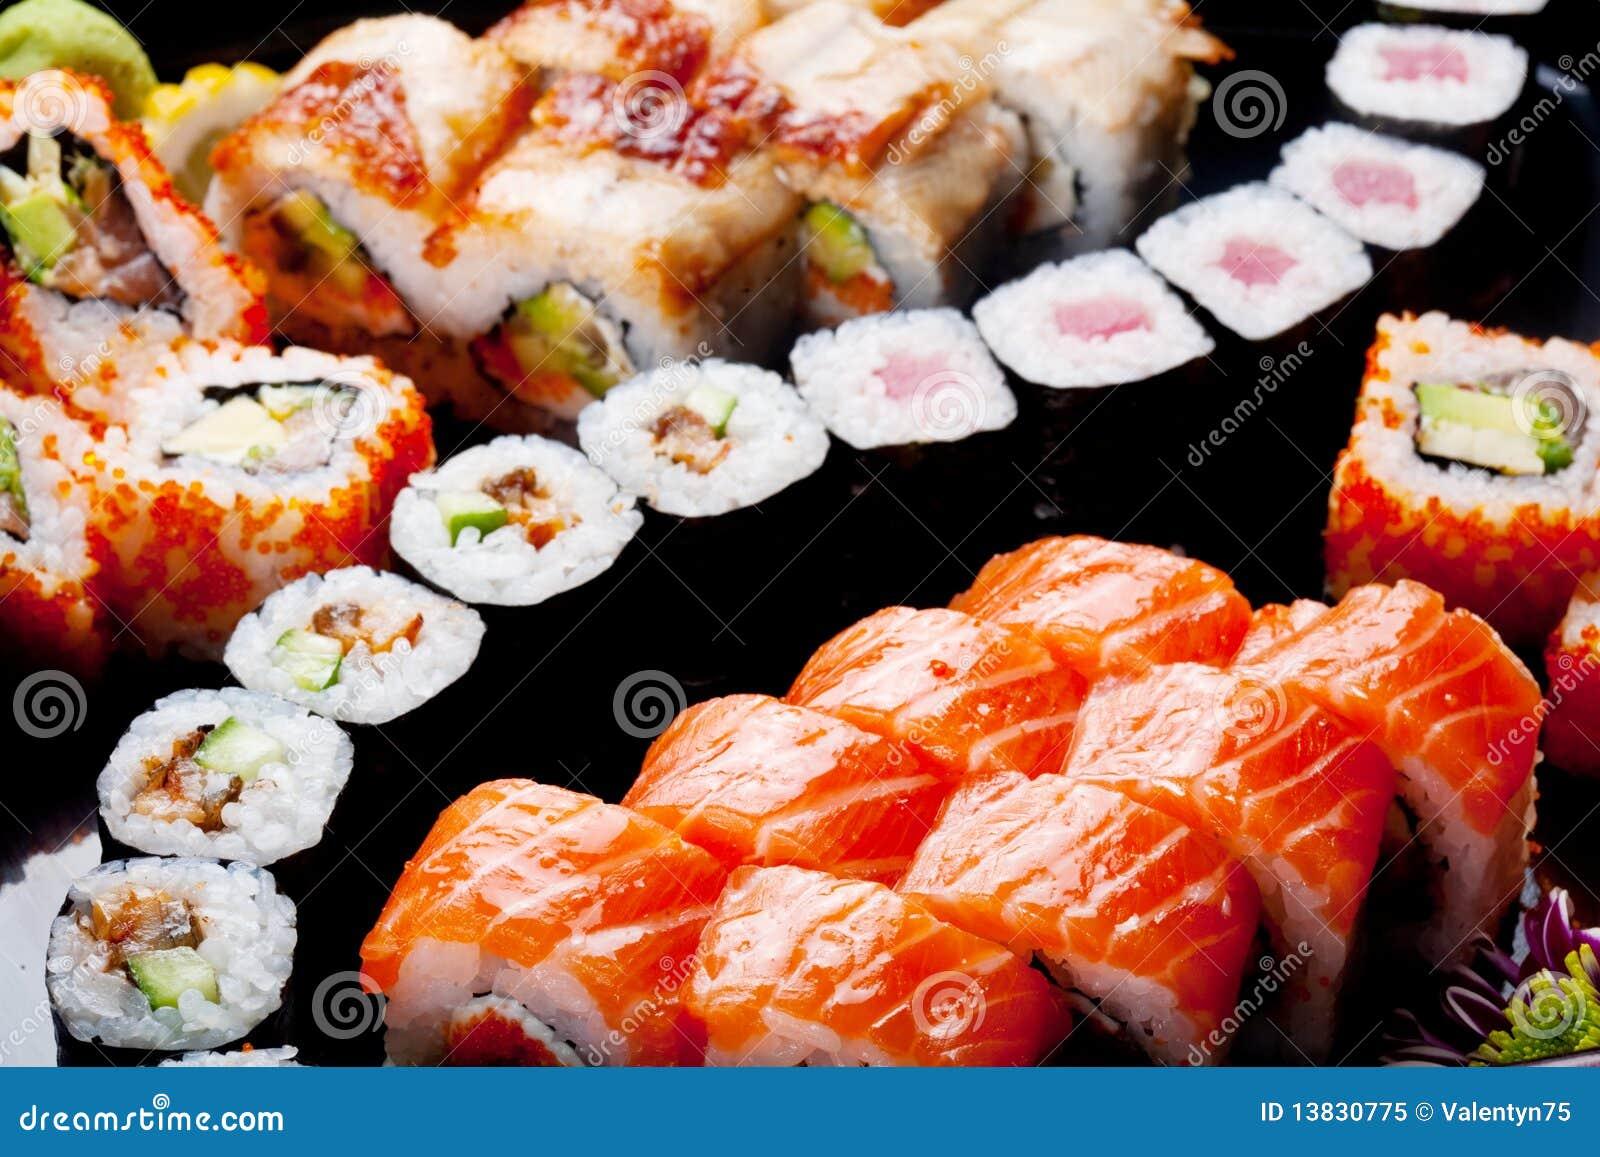 Rulli di sushi giapponesi.